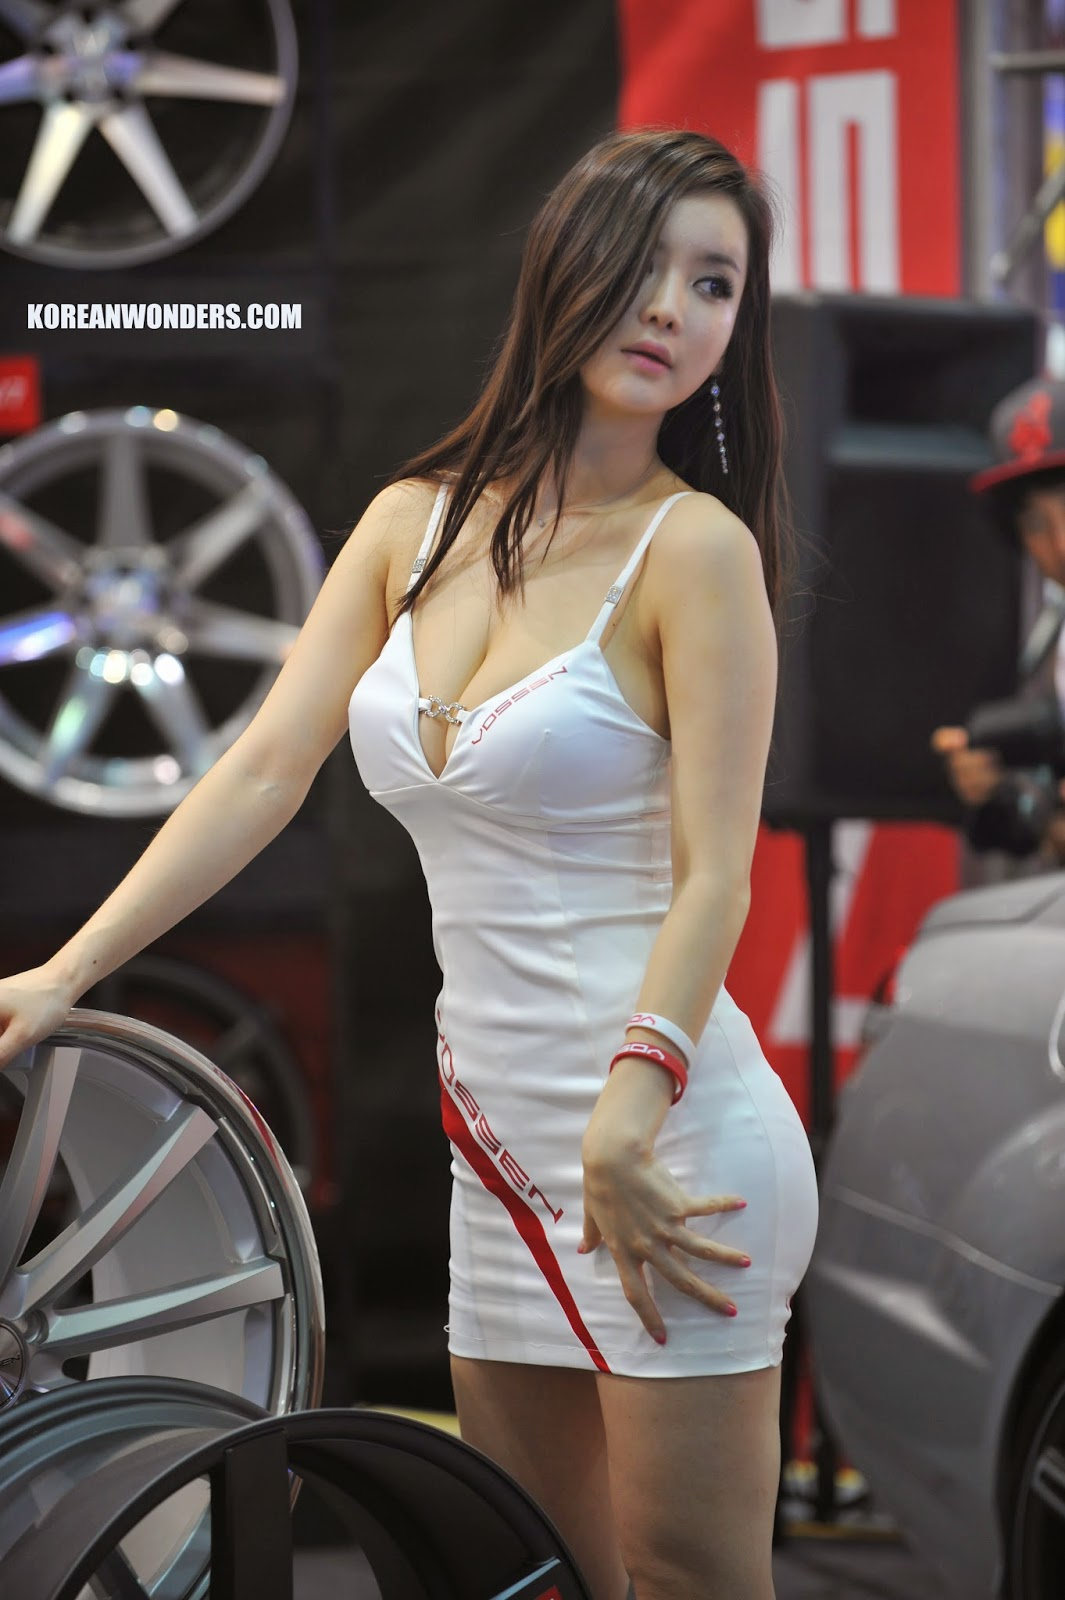 hot sexy korean models